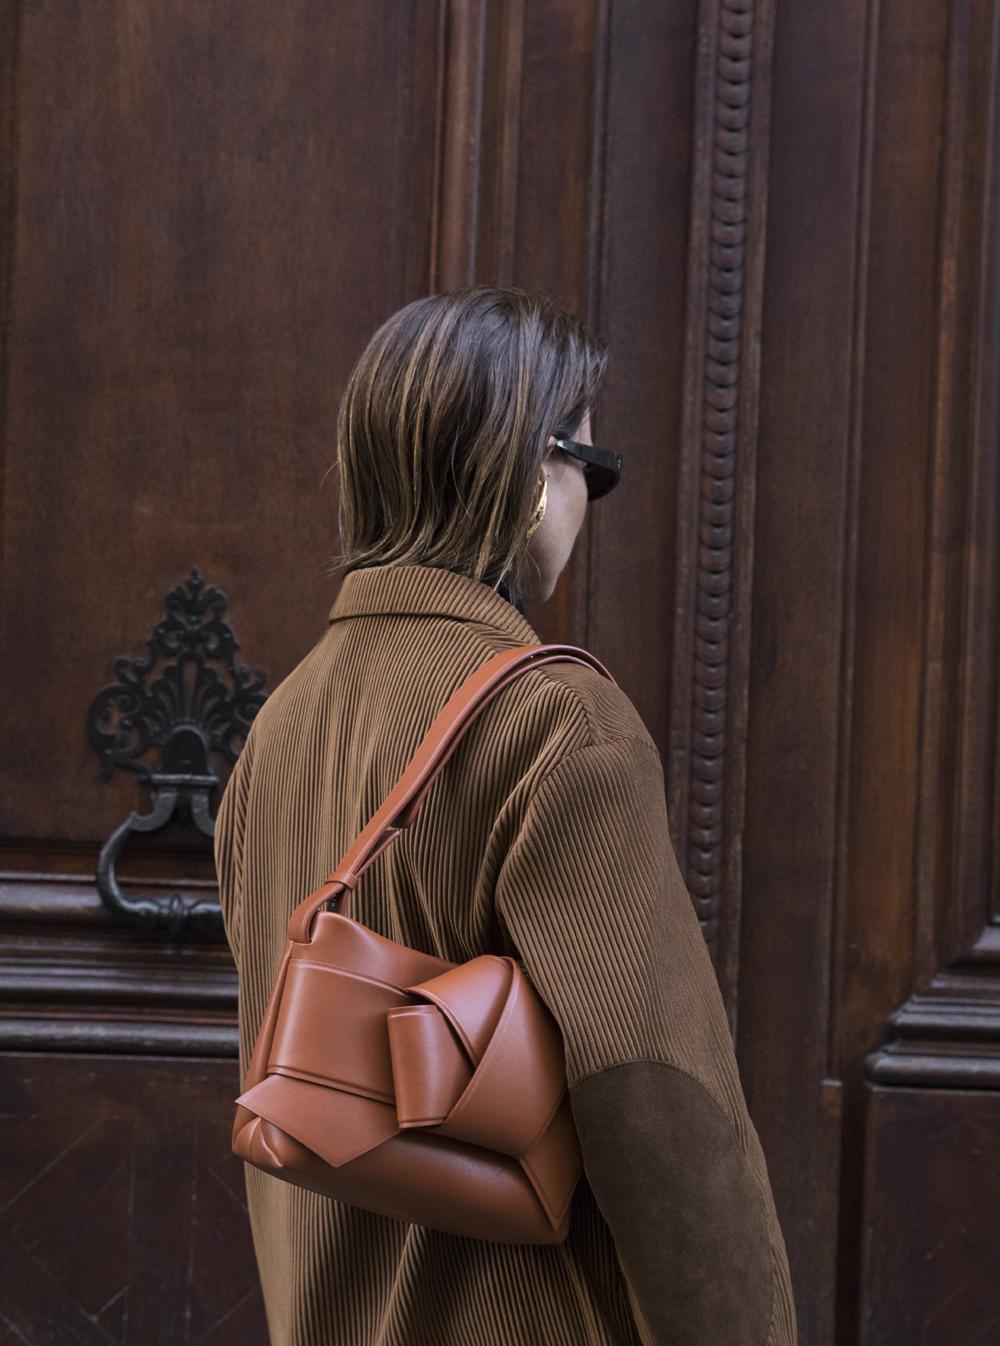 Acne-Corduroy-Brown-Suit-Knot-Bag-Paris.2